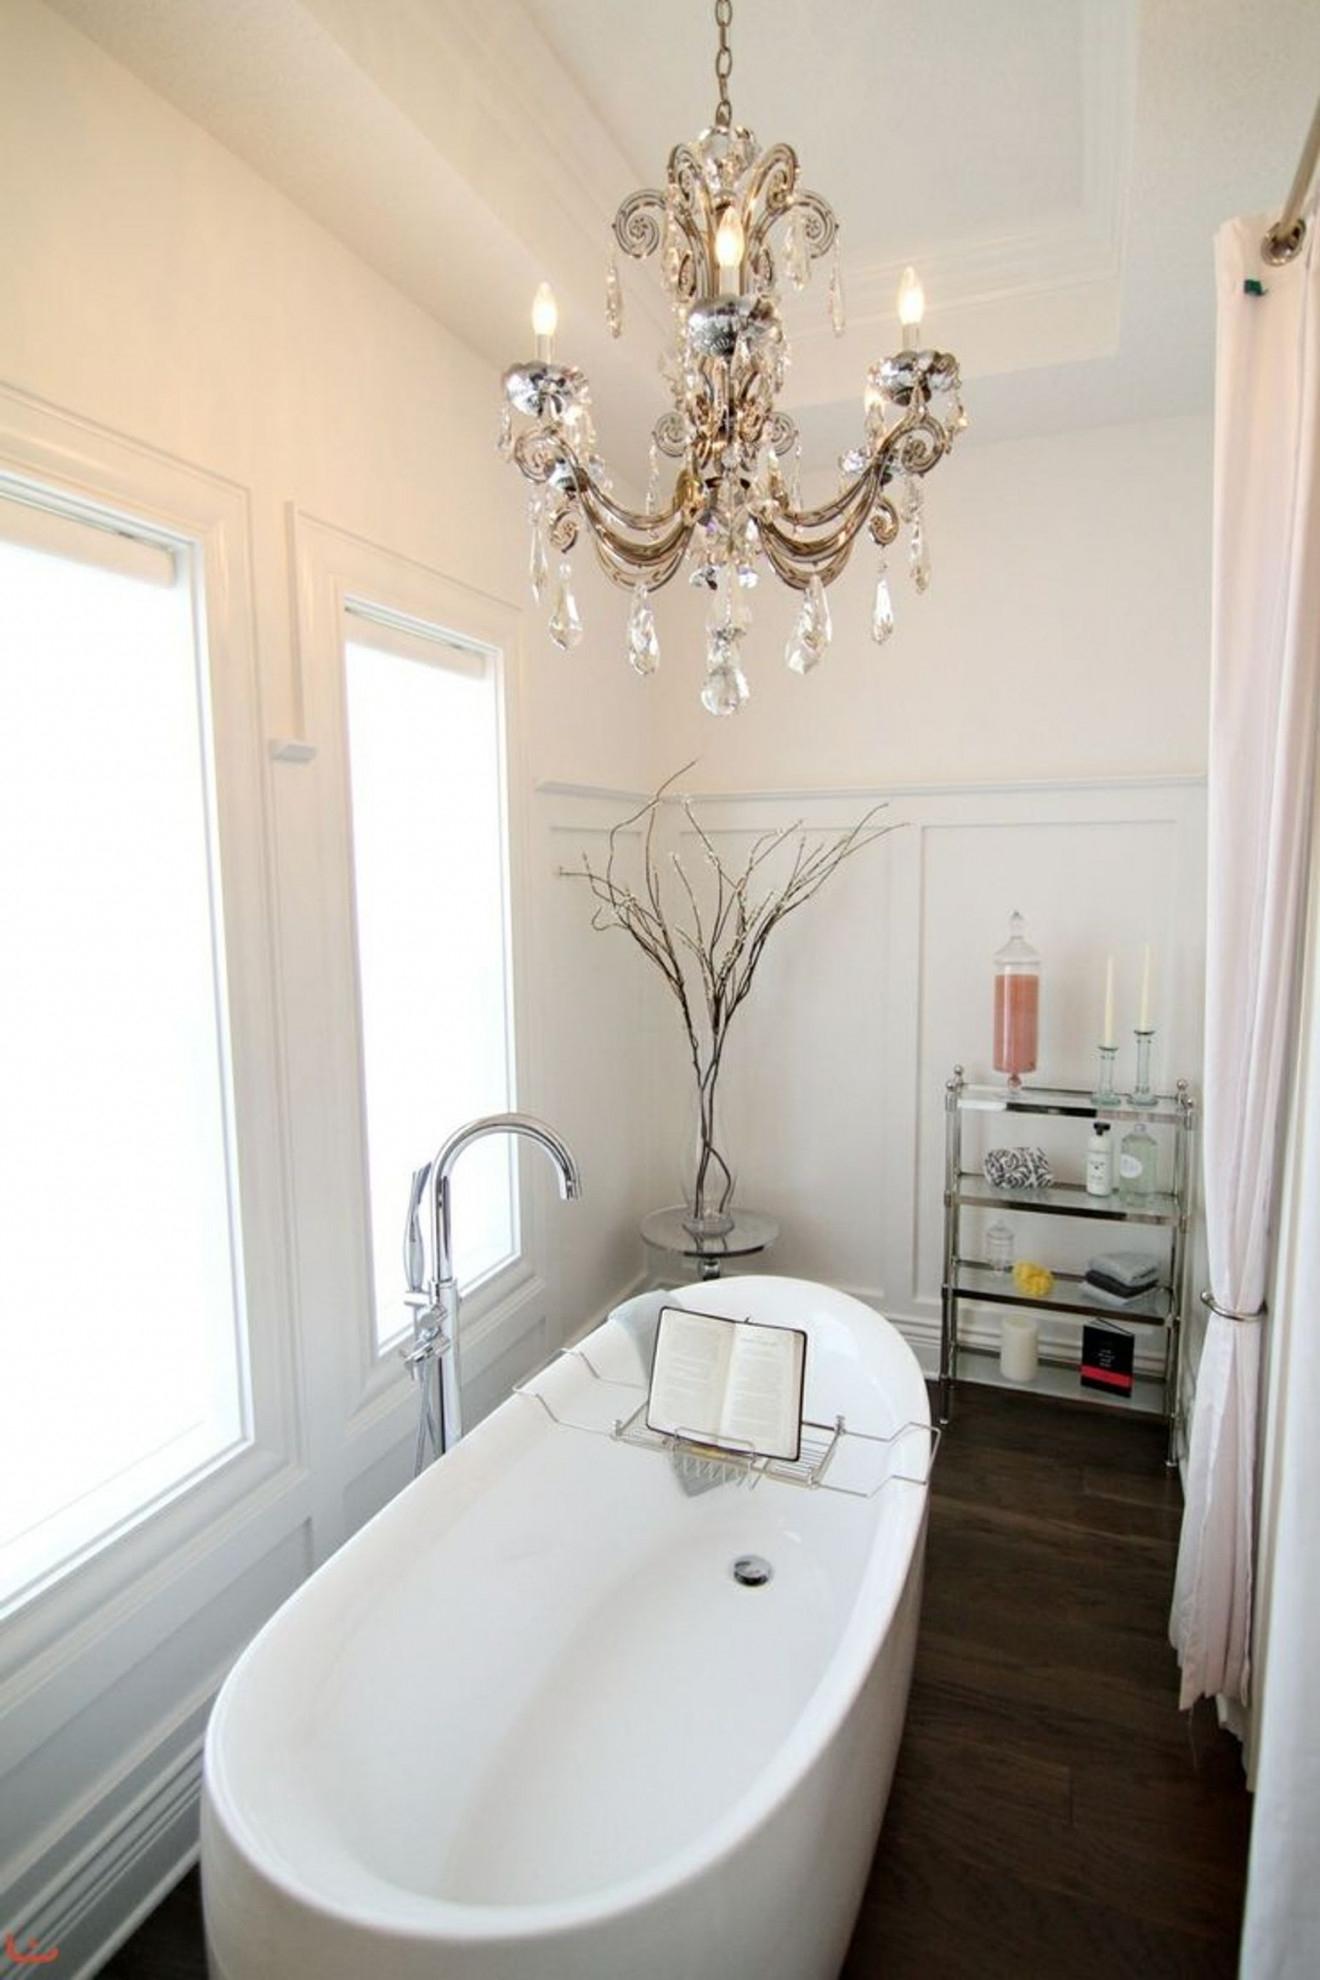 Featured Photo of Chandelier Bathroom Lighting